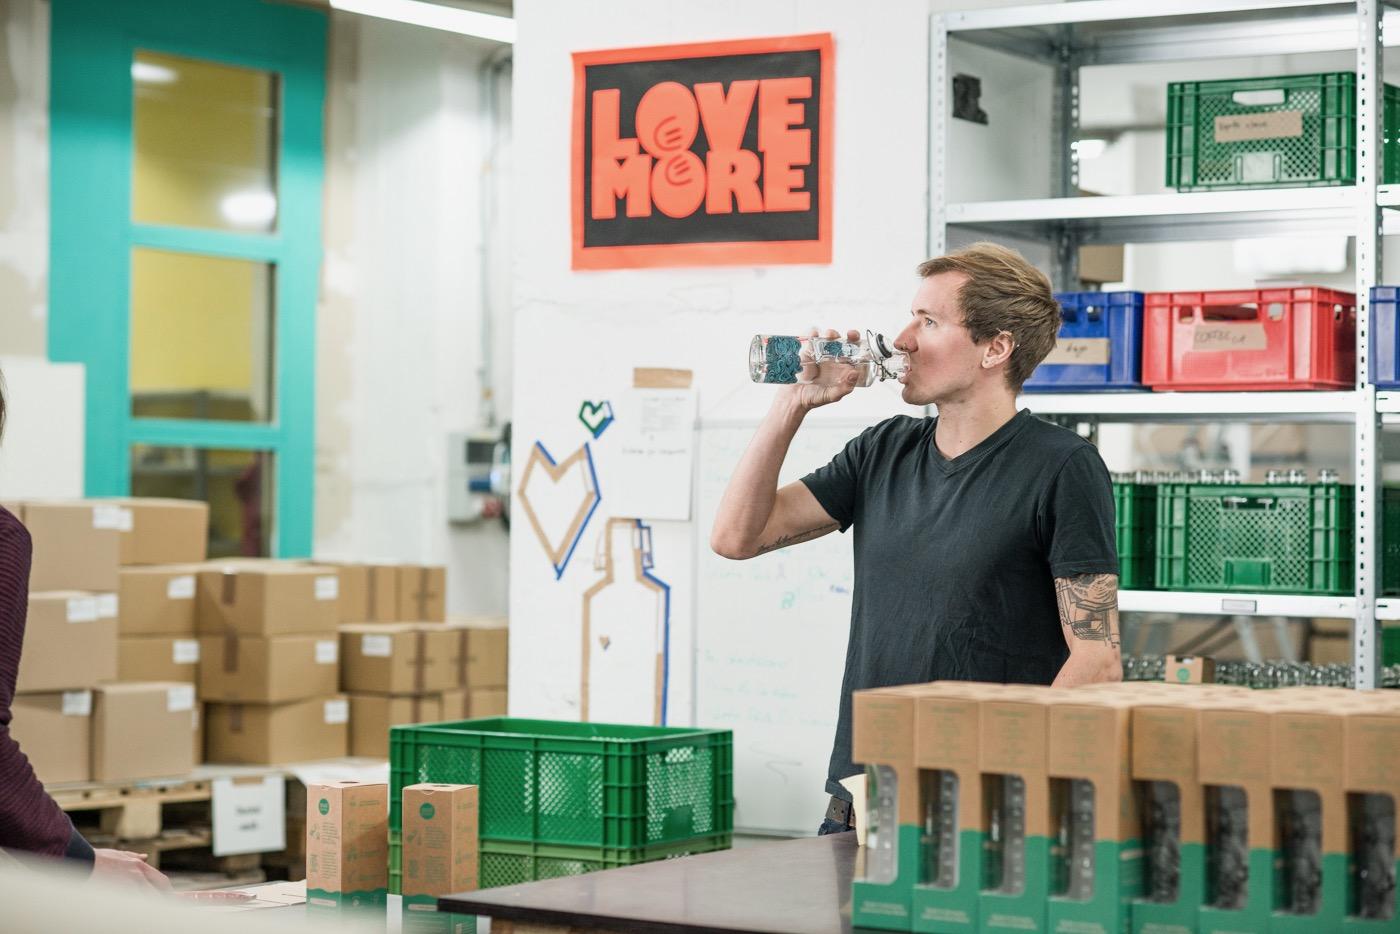 Paul Kupfer, 30, gehört zu den Gründern des sozialen Jungunternehmens.